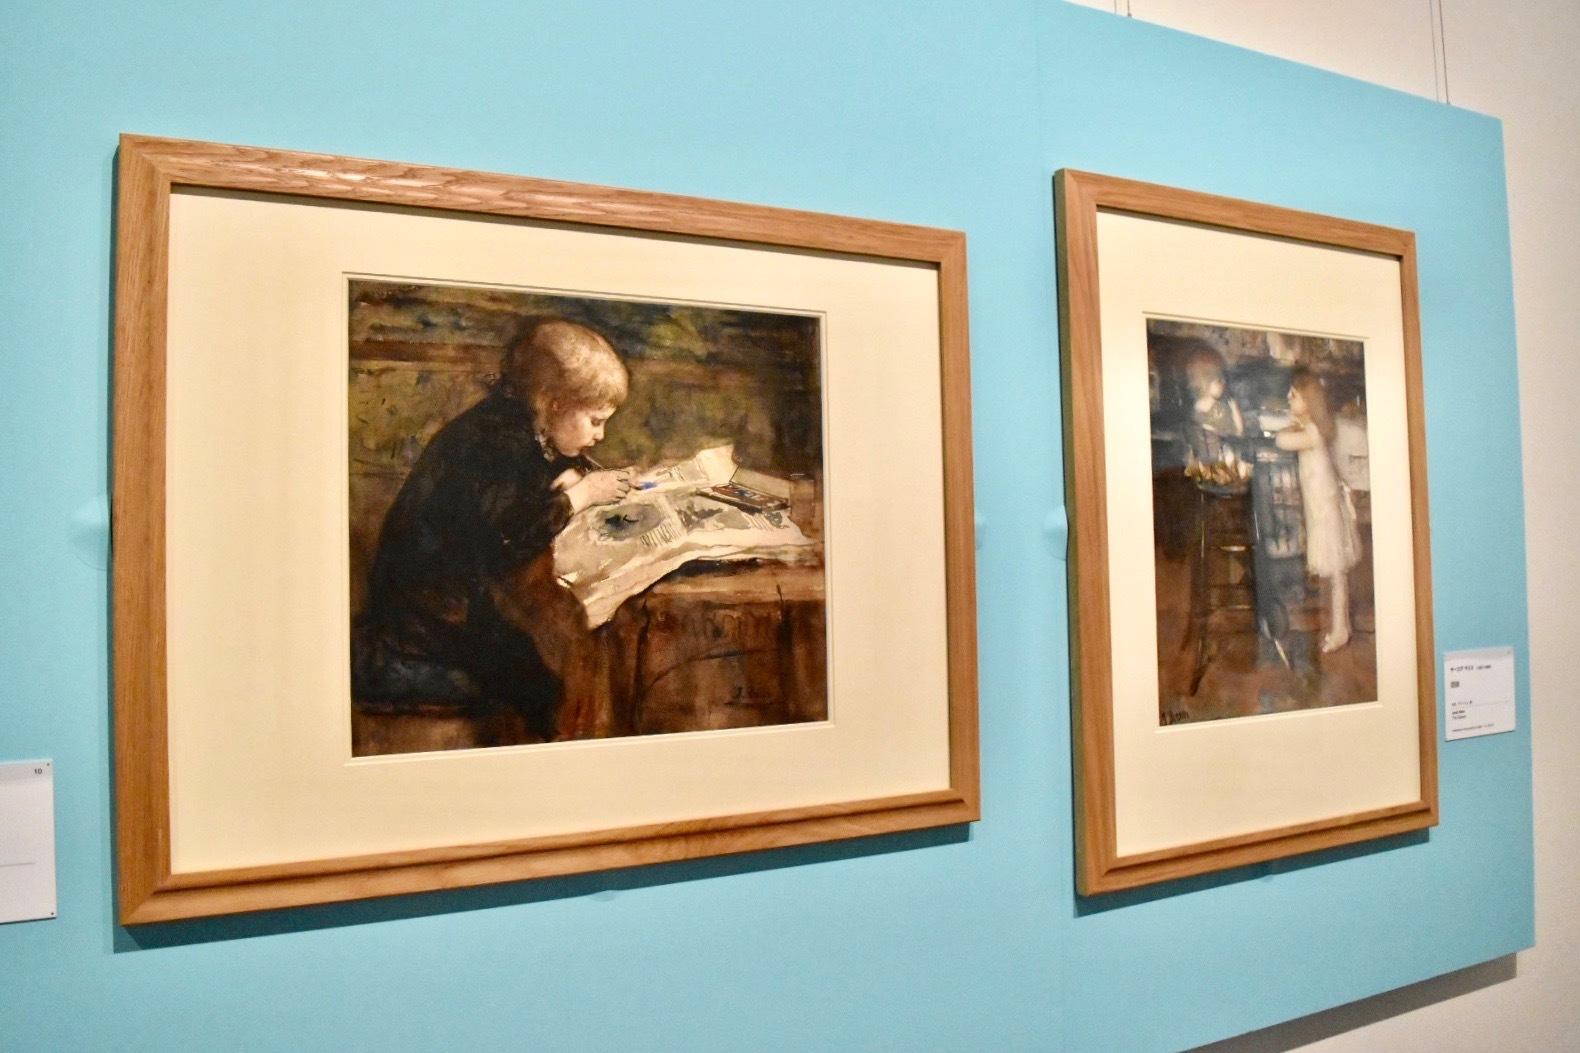 左:ヤーコプ・マリス 《若き芸術家》 1878年頃 水彩、グワッシュ、紙 (C)CSG CIC Glasgow Museums Collection  右:ヤーコプ・マリス 《姉妹》 水彩、グワッシュ、紙 (C)CSG CIC Glasgow Museums Collection